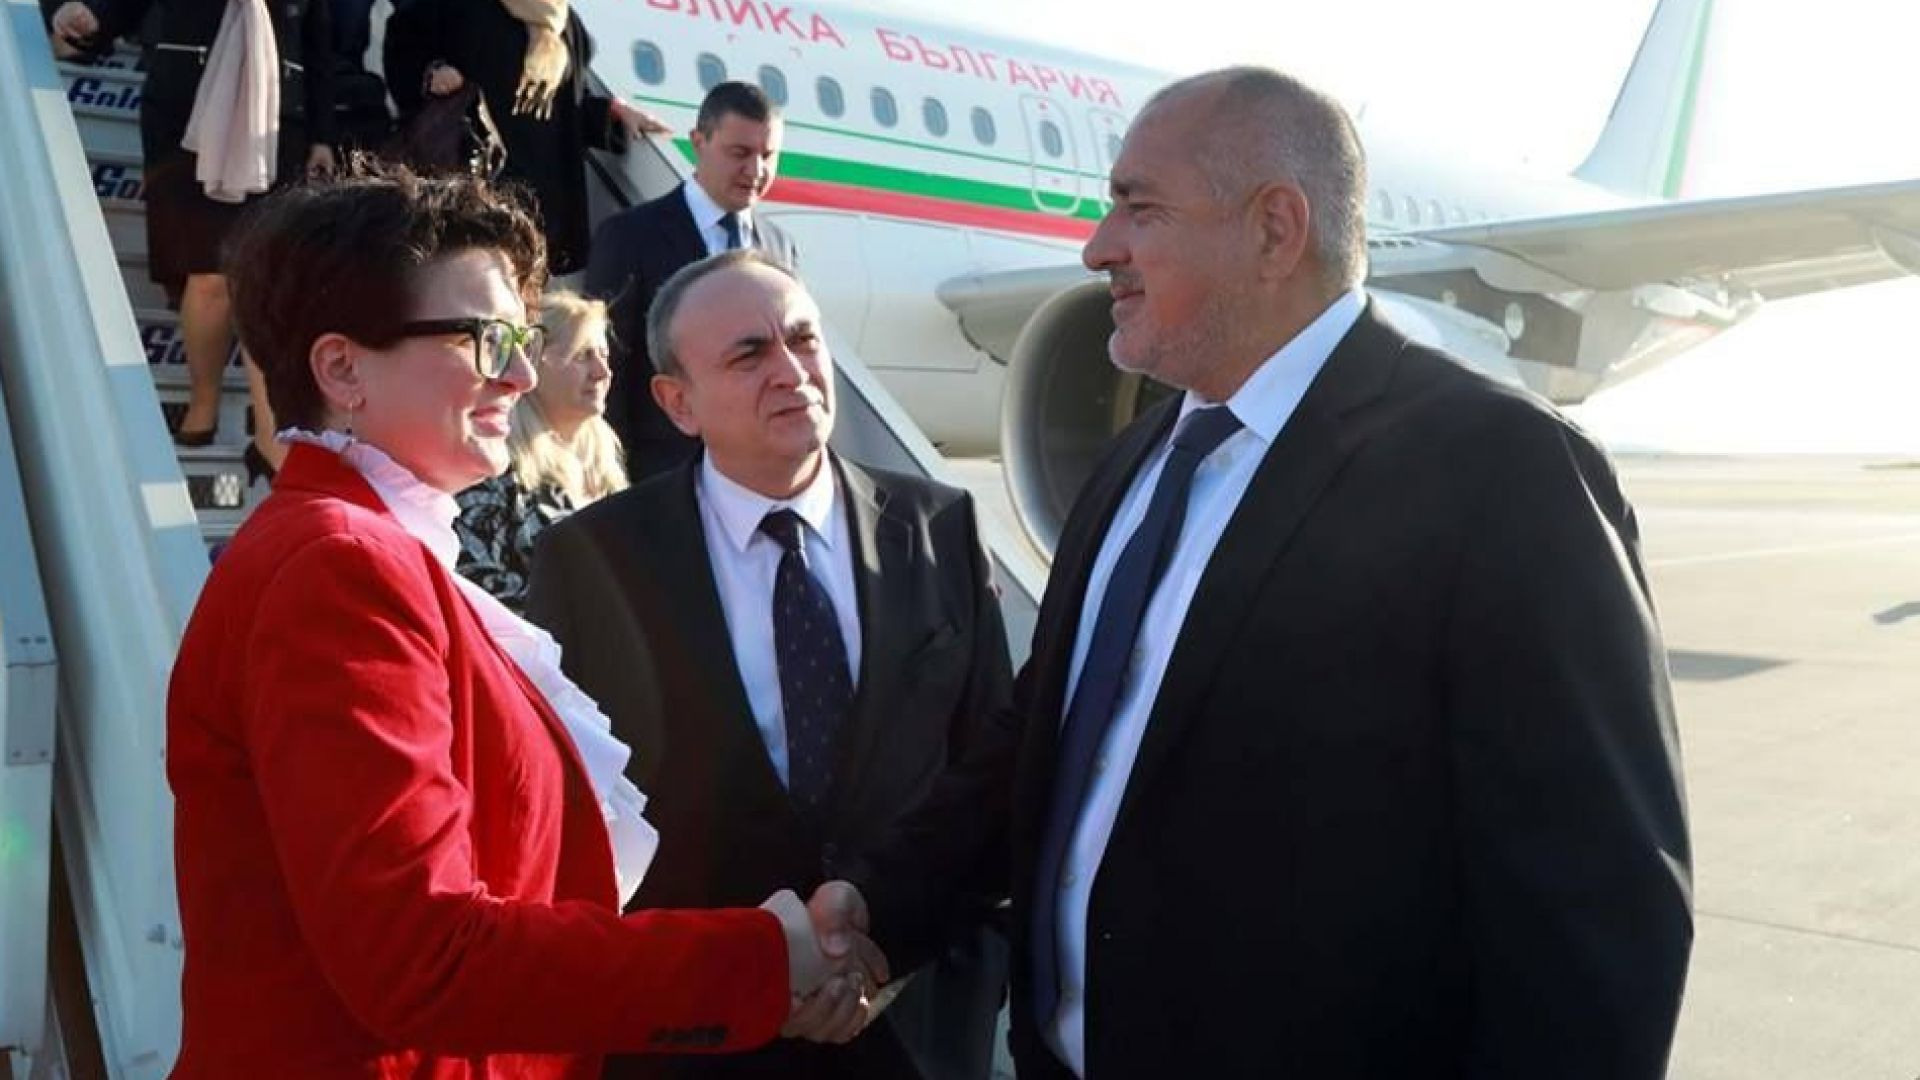 Борисов пристигна в Атина за срещата на върха ЕС - Арабски свят